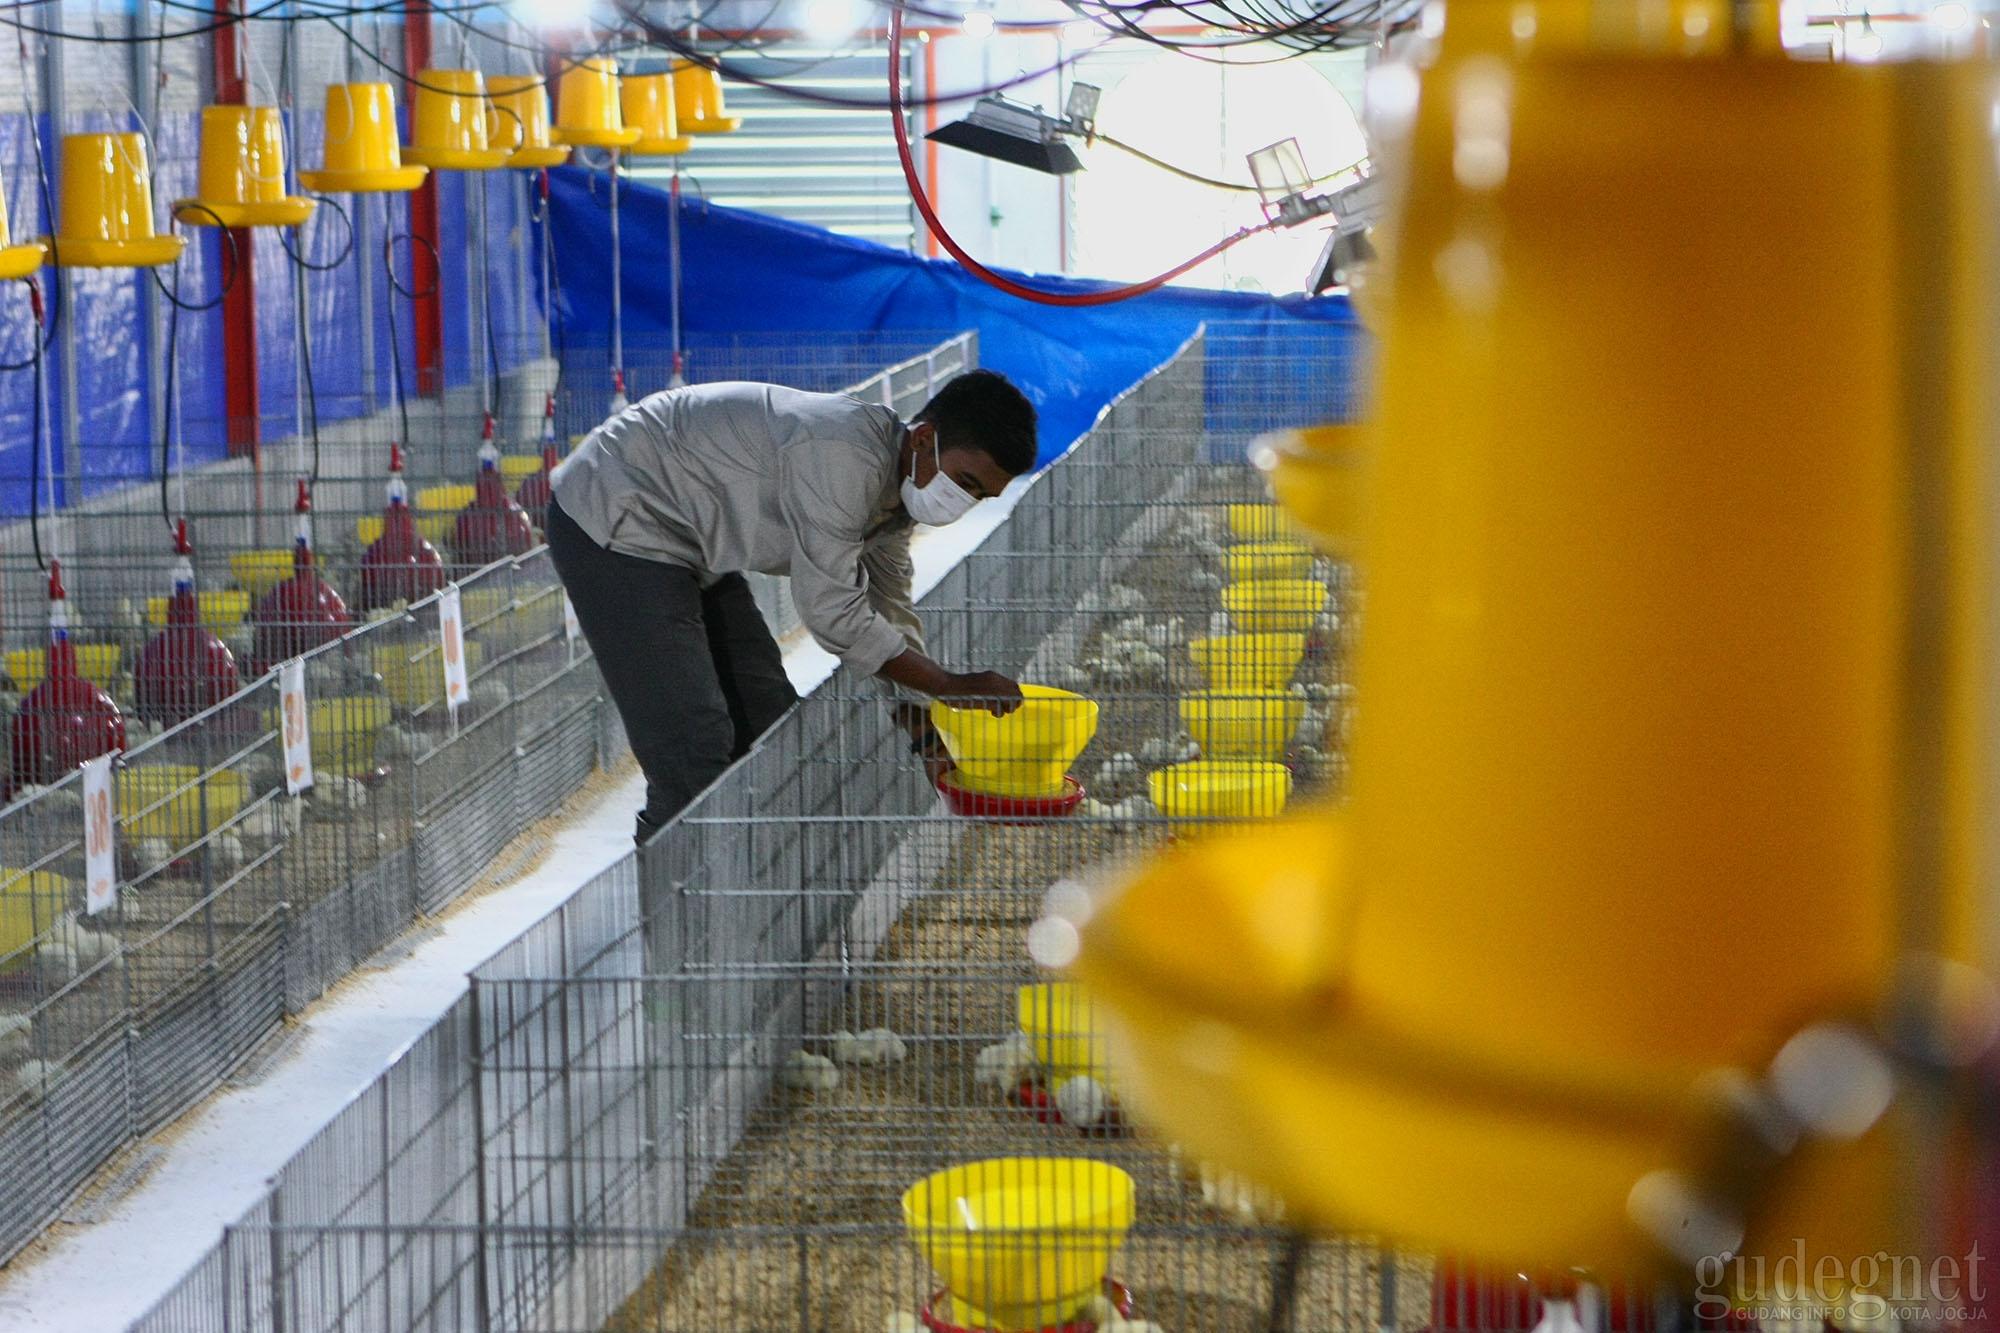 Research Farm, Permudah Mahasiswa Fakultas Peternakan UGM Lakukan Riset